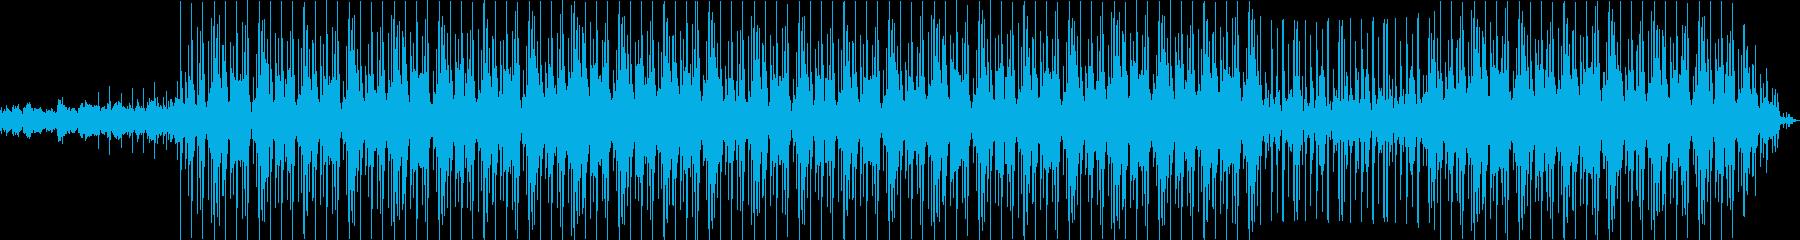 クリスマスBGMの再生済みの波形